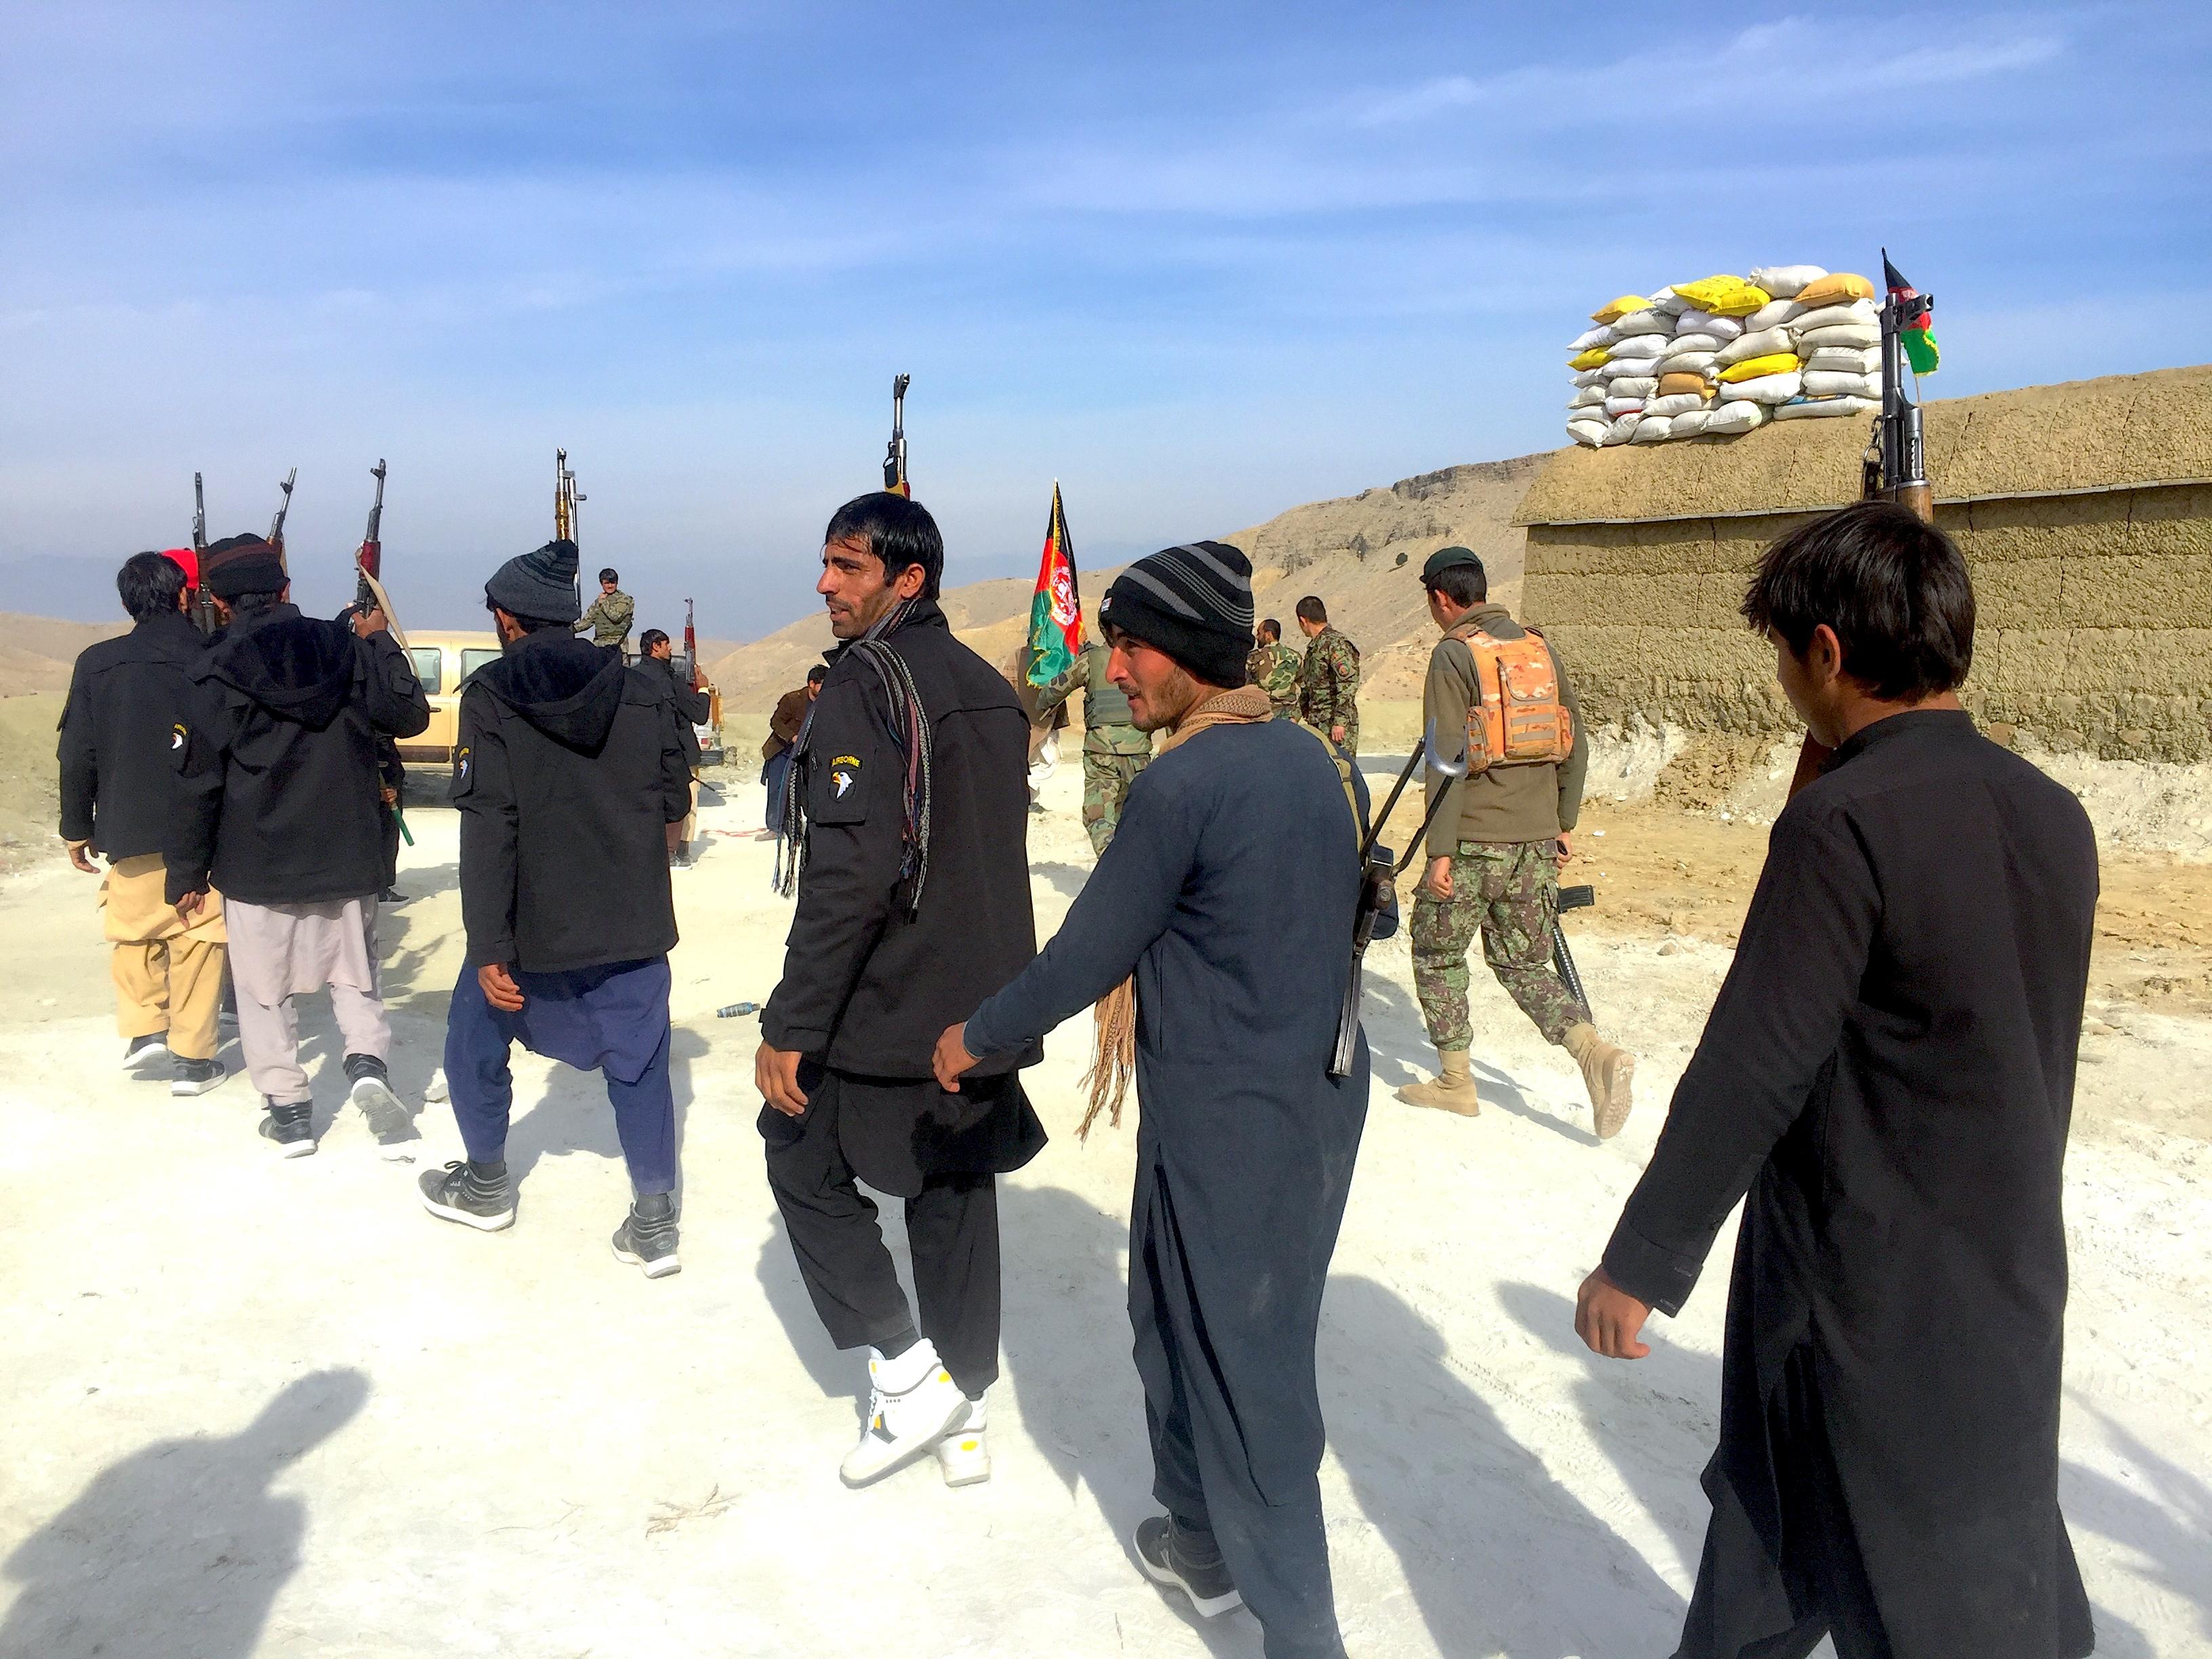 د ننګرهار اوسېدونکیو له افغان ځواکونو سره یوځای د داعش پر ضد وسلې پورته کړې